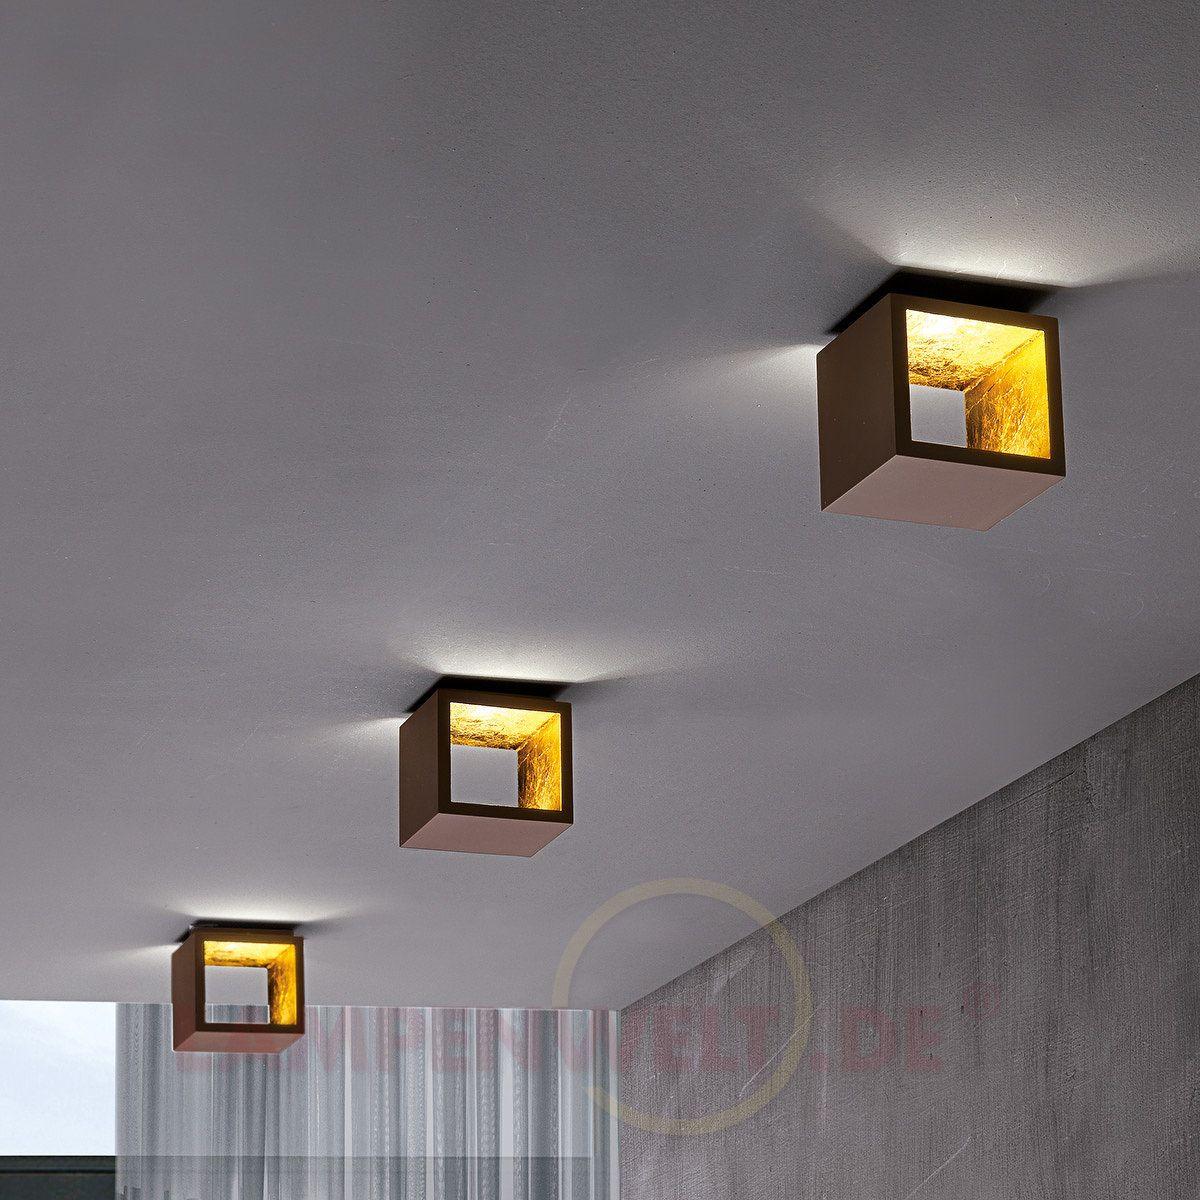 Wurfelformige Led Deckenleuchte Cubo Braun Gold 6701298 Beleuchtung Decke Deckenleuchten Design Lampen Und Leuchten